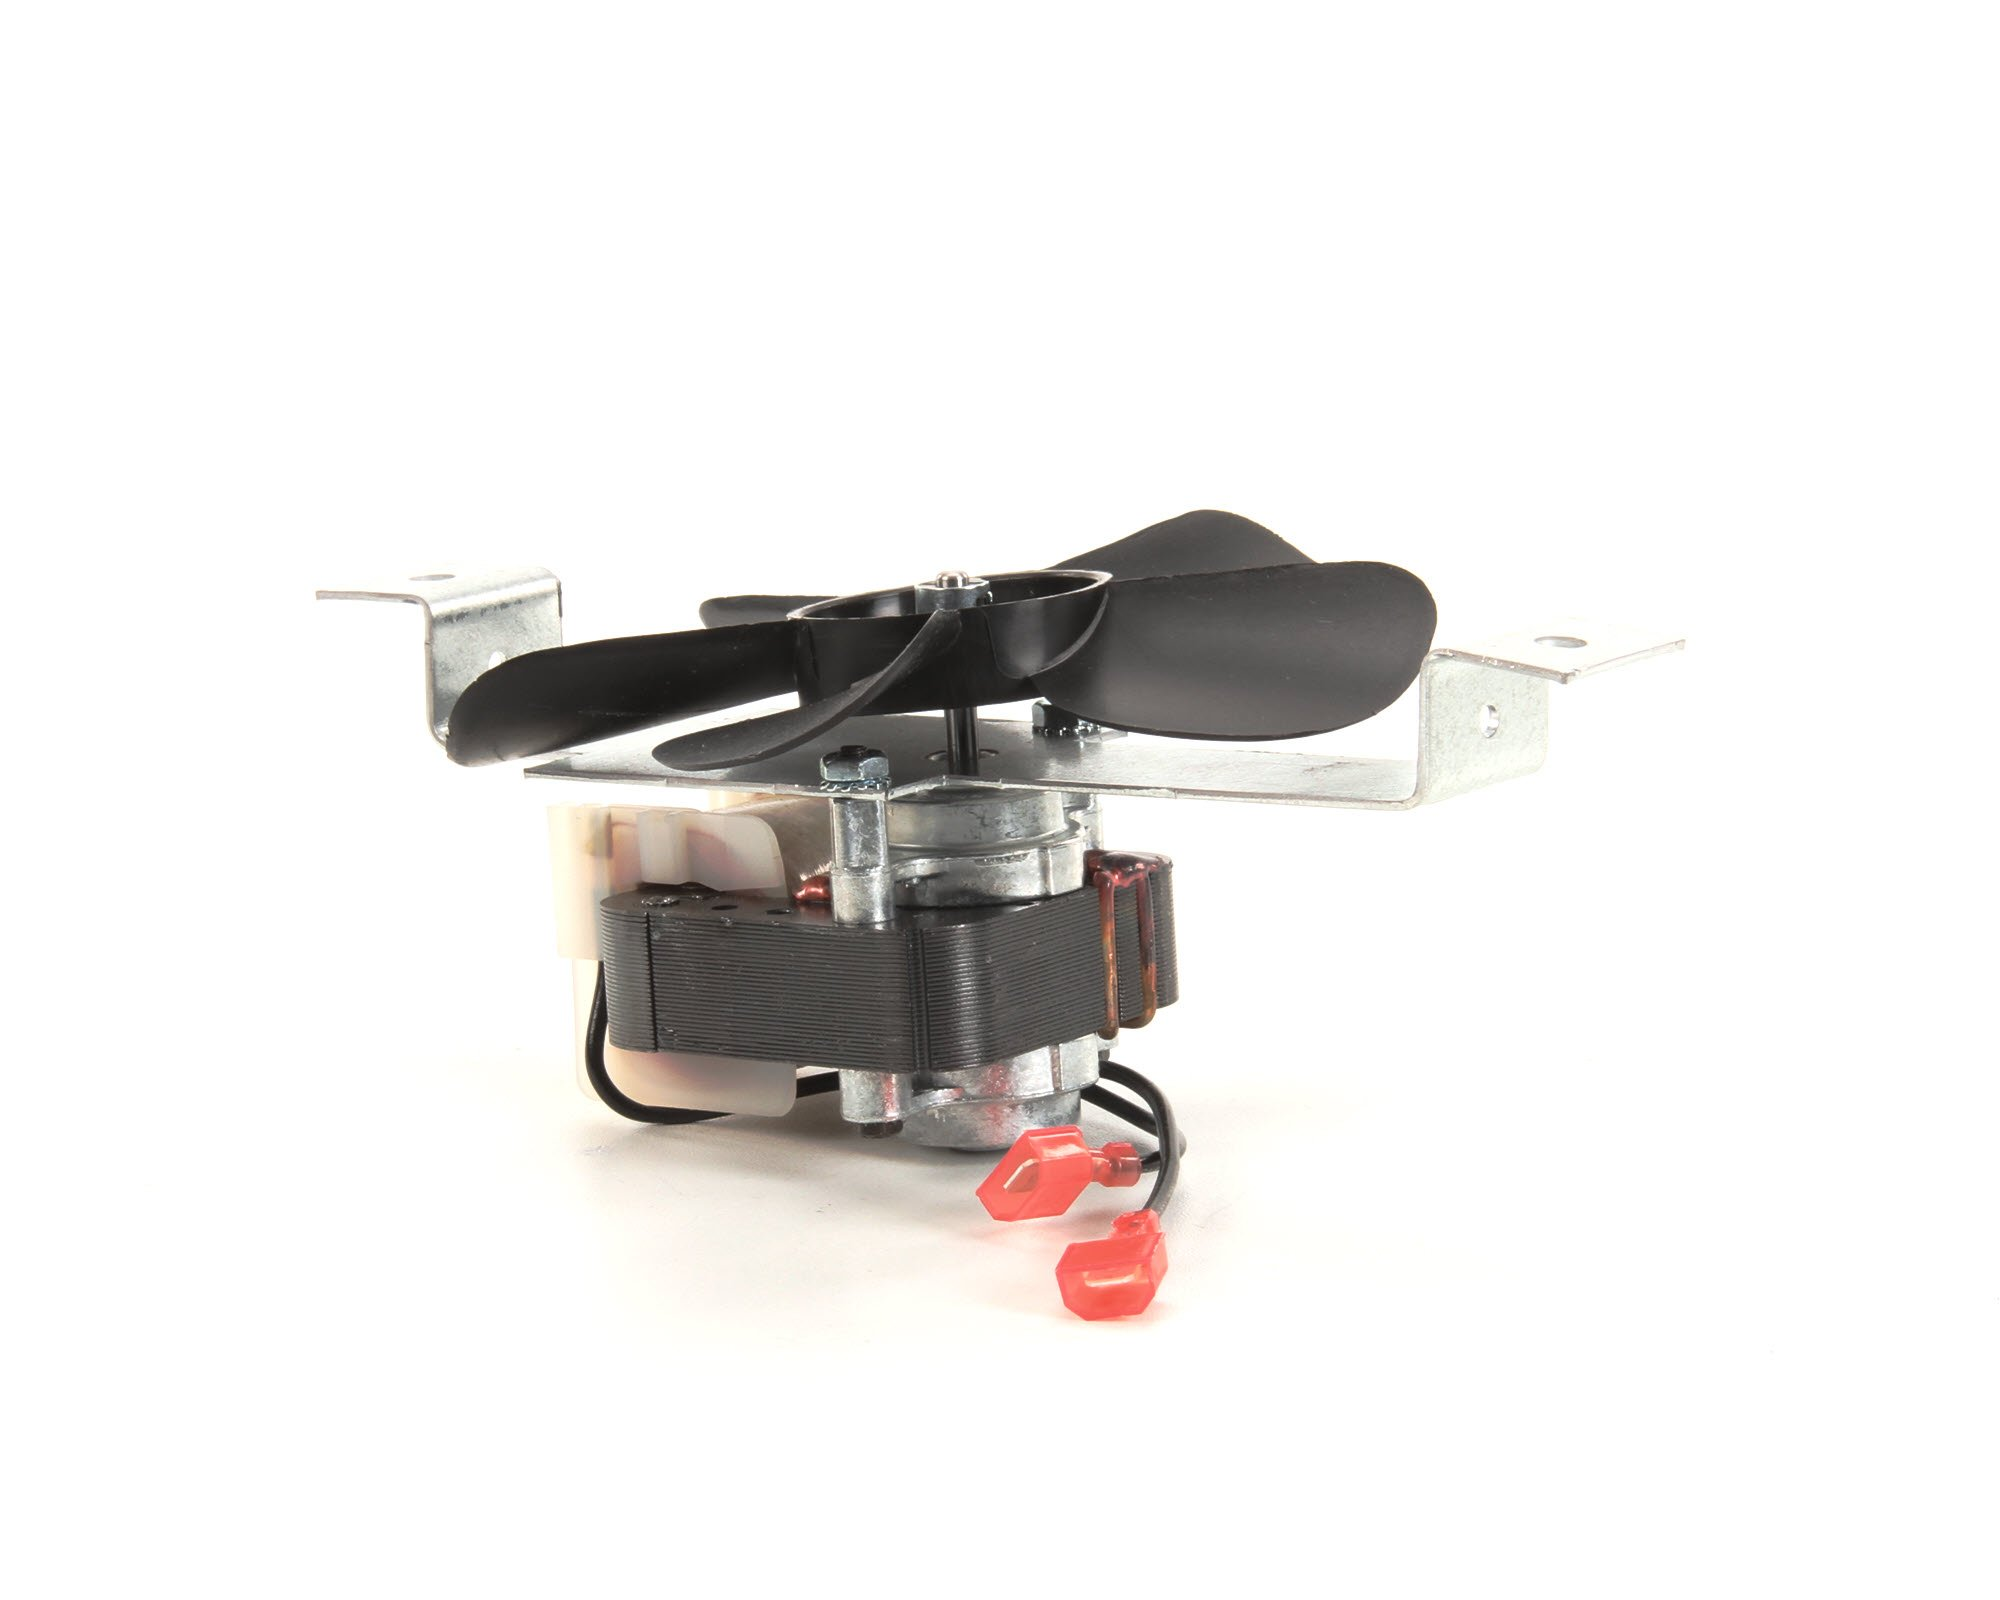 Traulsen SK-900-60883-00 Fan Motor and Bracket Assembly